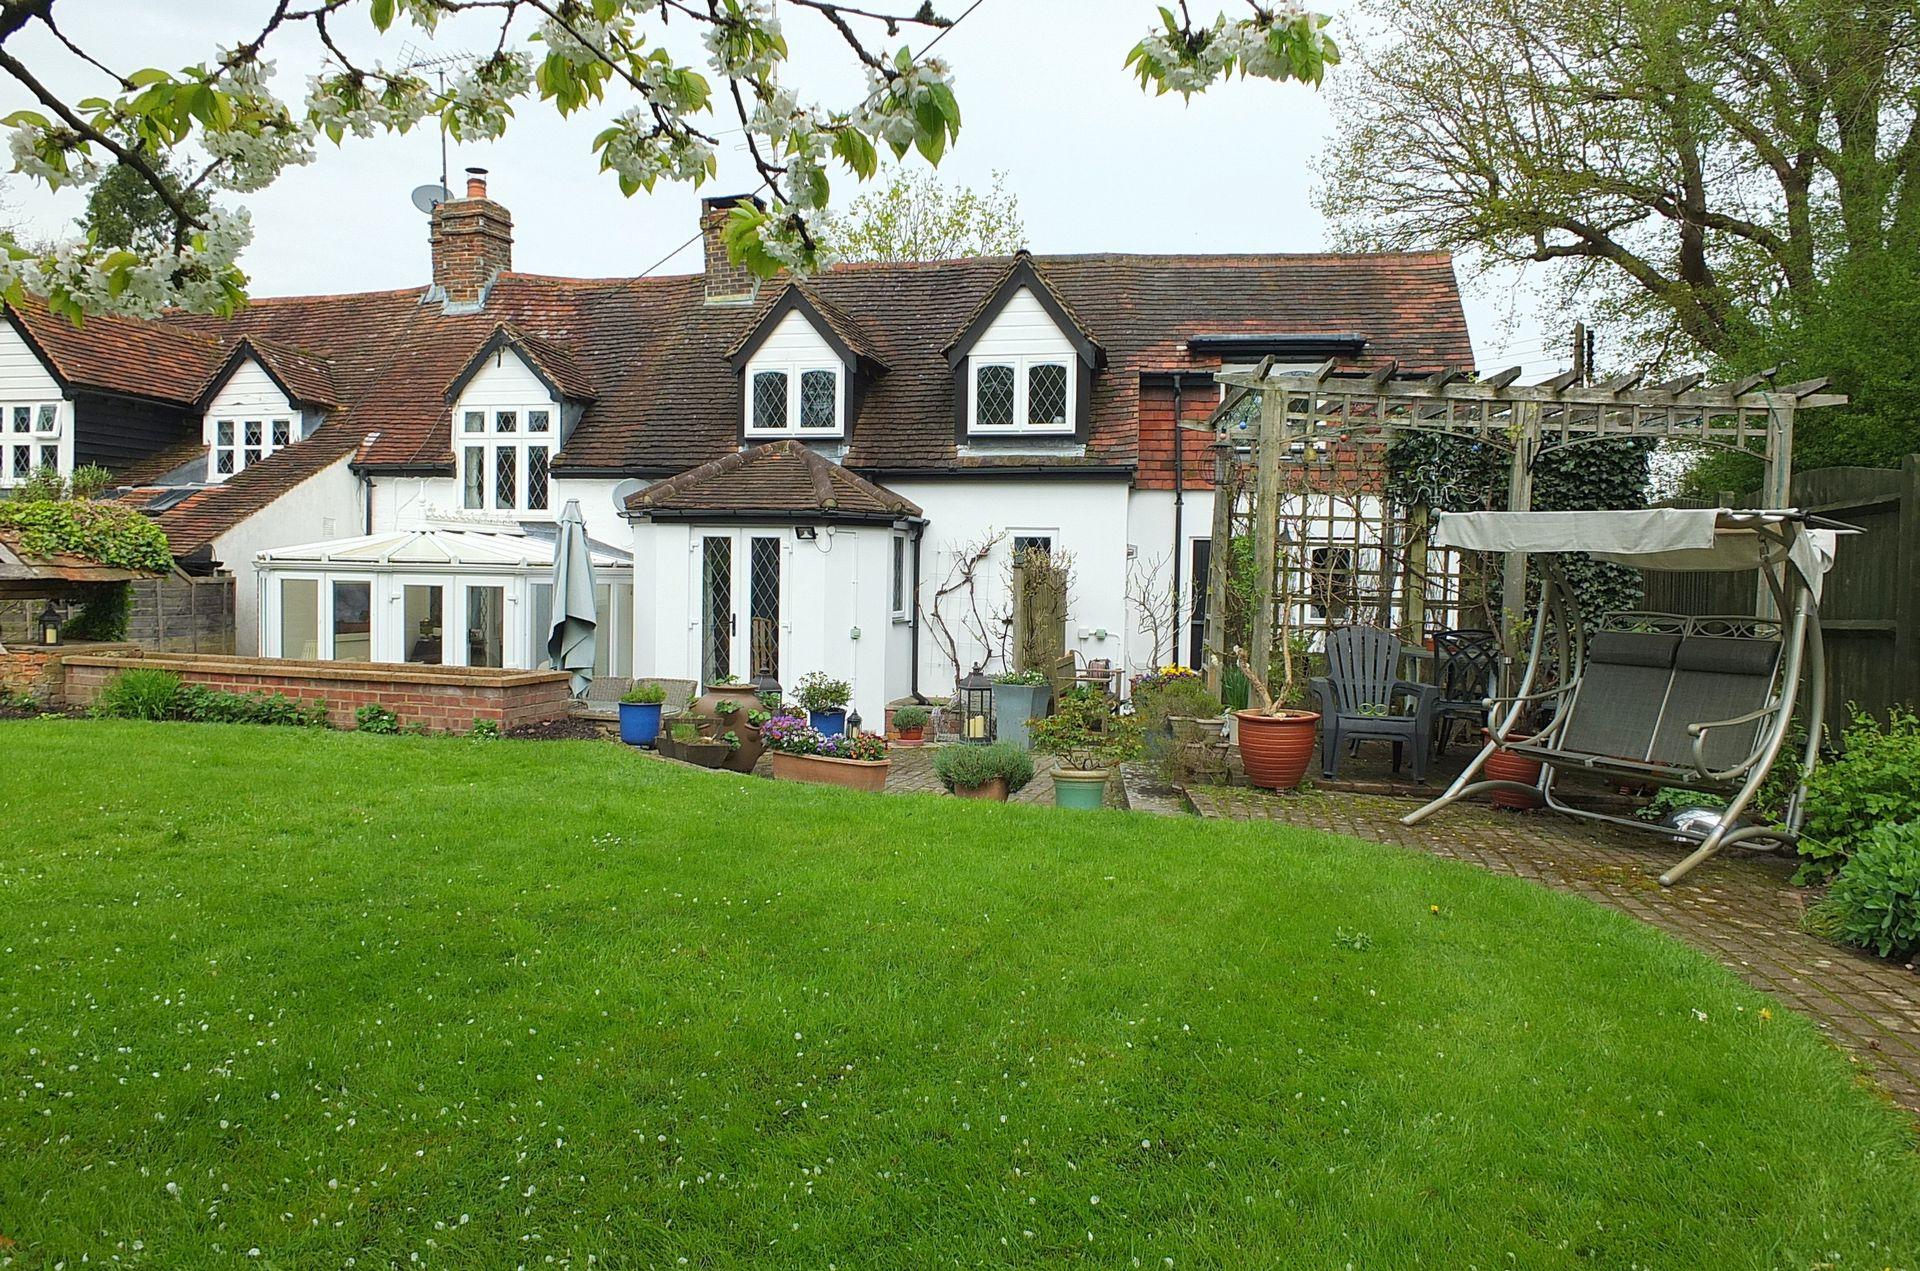 Photo 27, Eastern Road, Wivelsfield Green, Haywards Heath, RH17